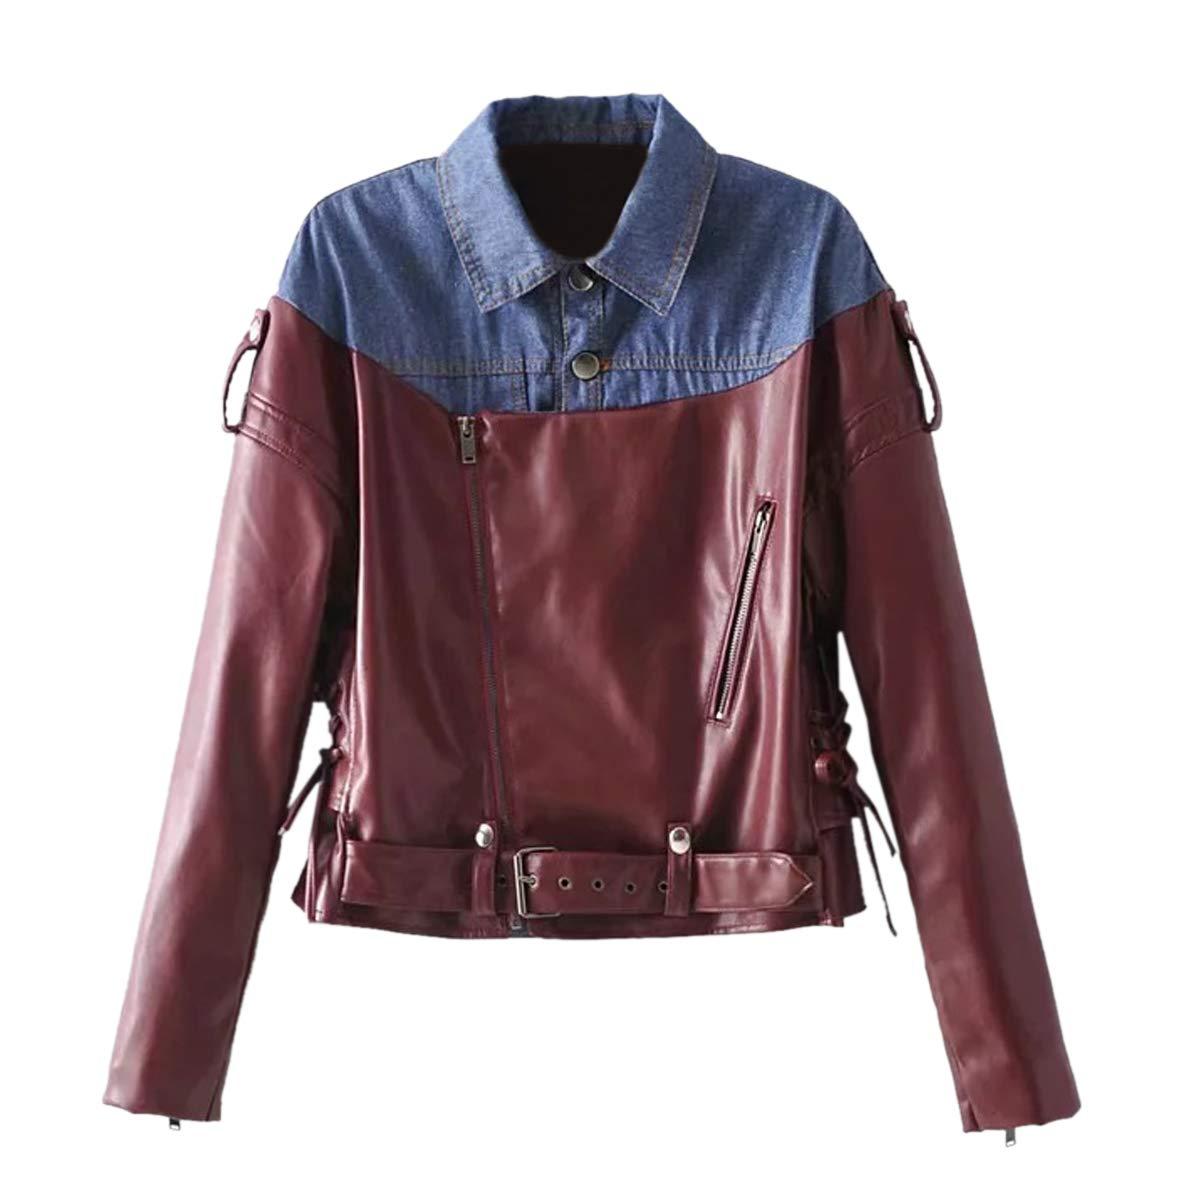 Deep red Denim Patchwork Jacket color Block Zipper Coat Women PU Motorcyle Jacket